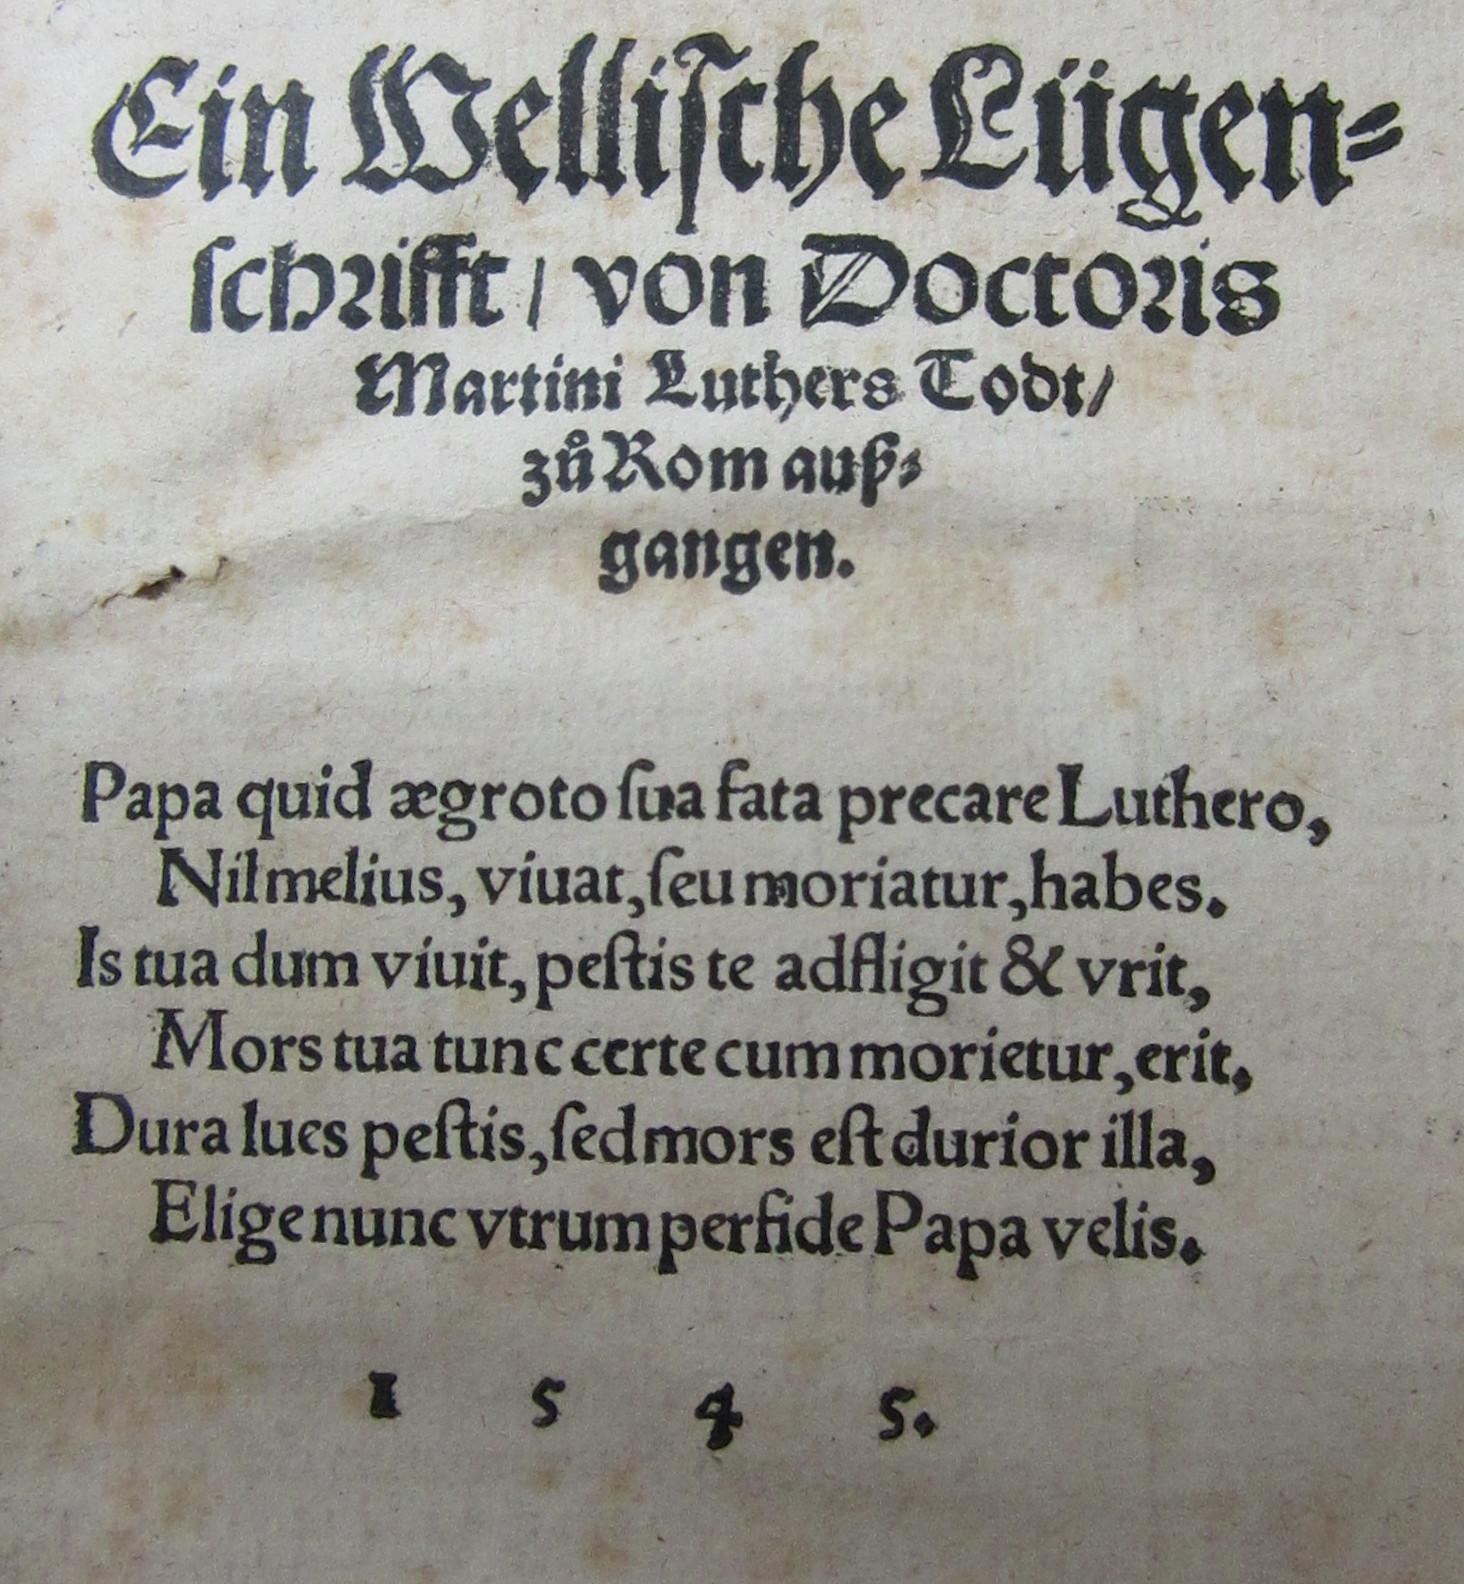 Luther, Martin. Ein Wellische Lügenschrifft/ von Doctoris Martini Luthers Todt/ zů Rom außgangen. Papa quid ægroto sua fata ... perfide Papa velis. Nürnberg: [Hans Guldenmund], 1545.